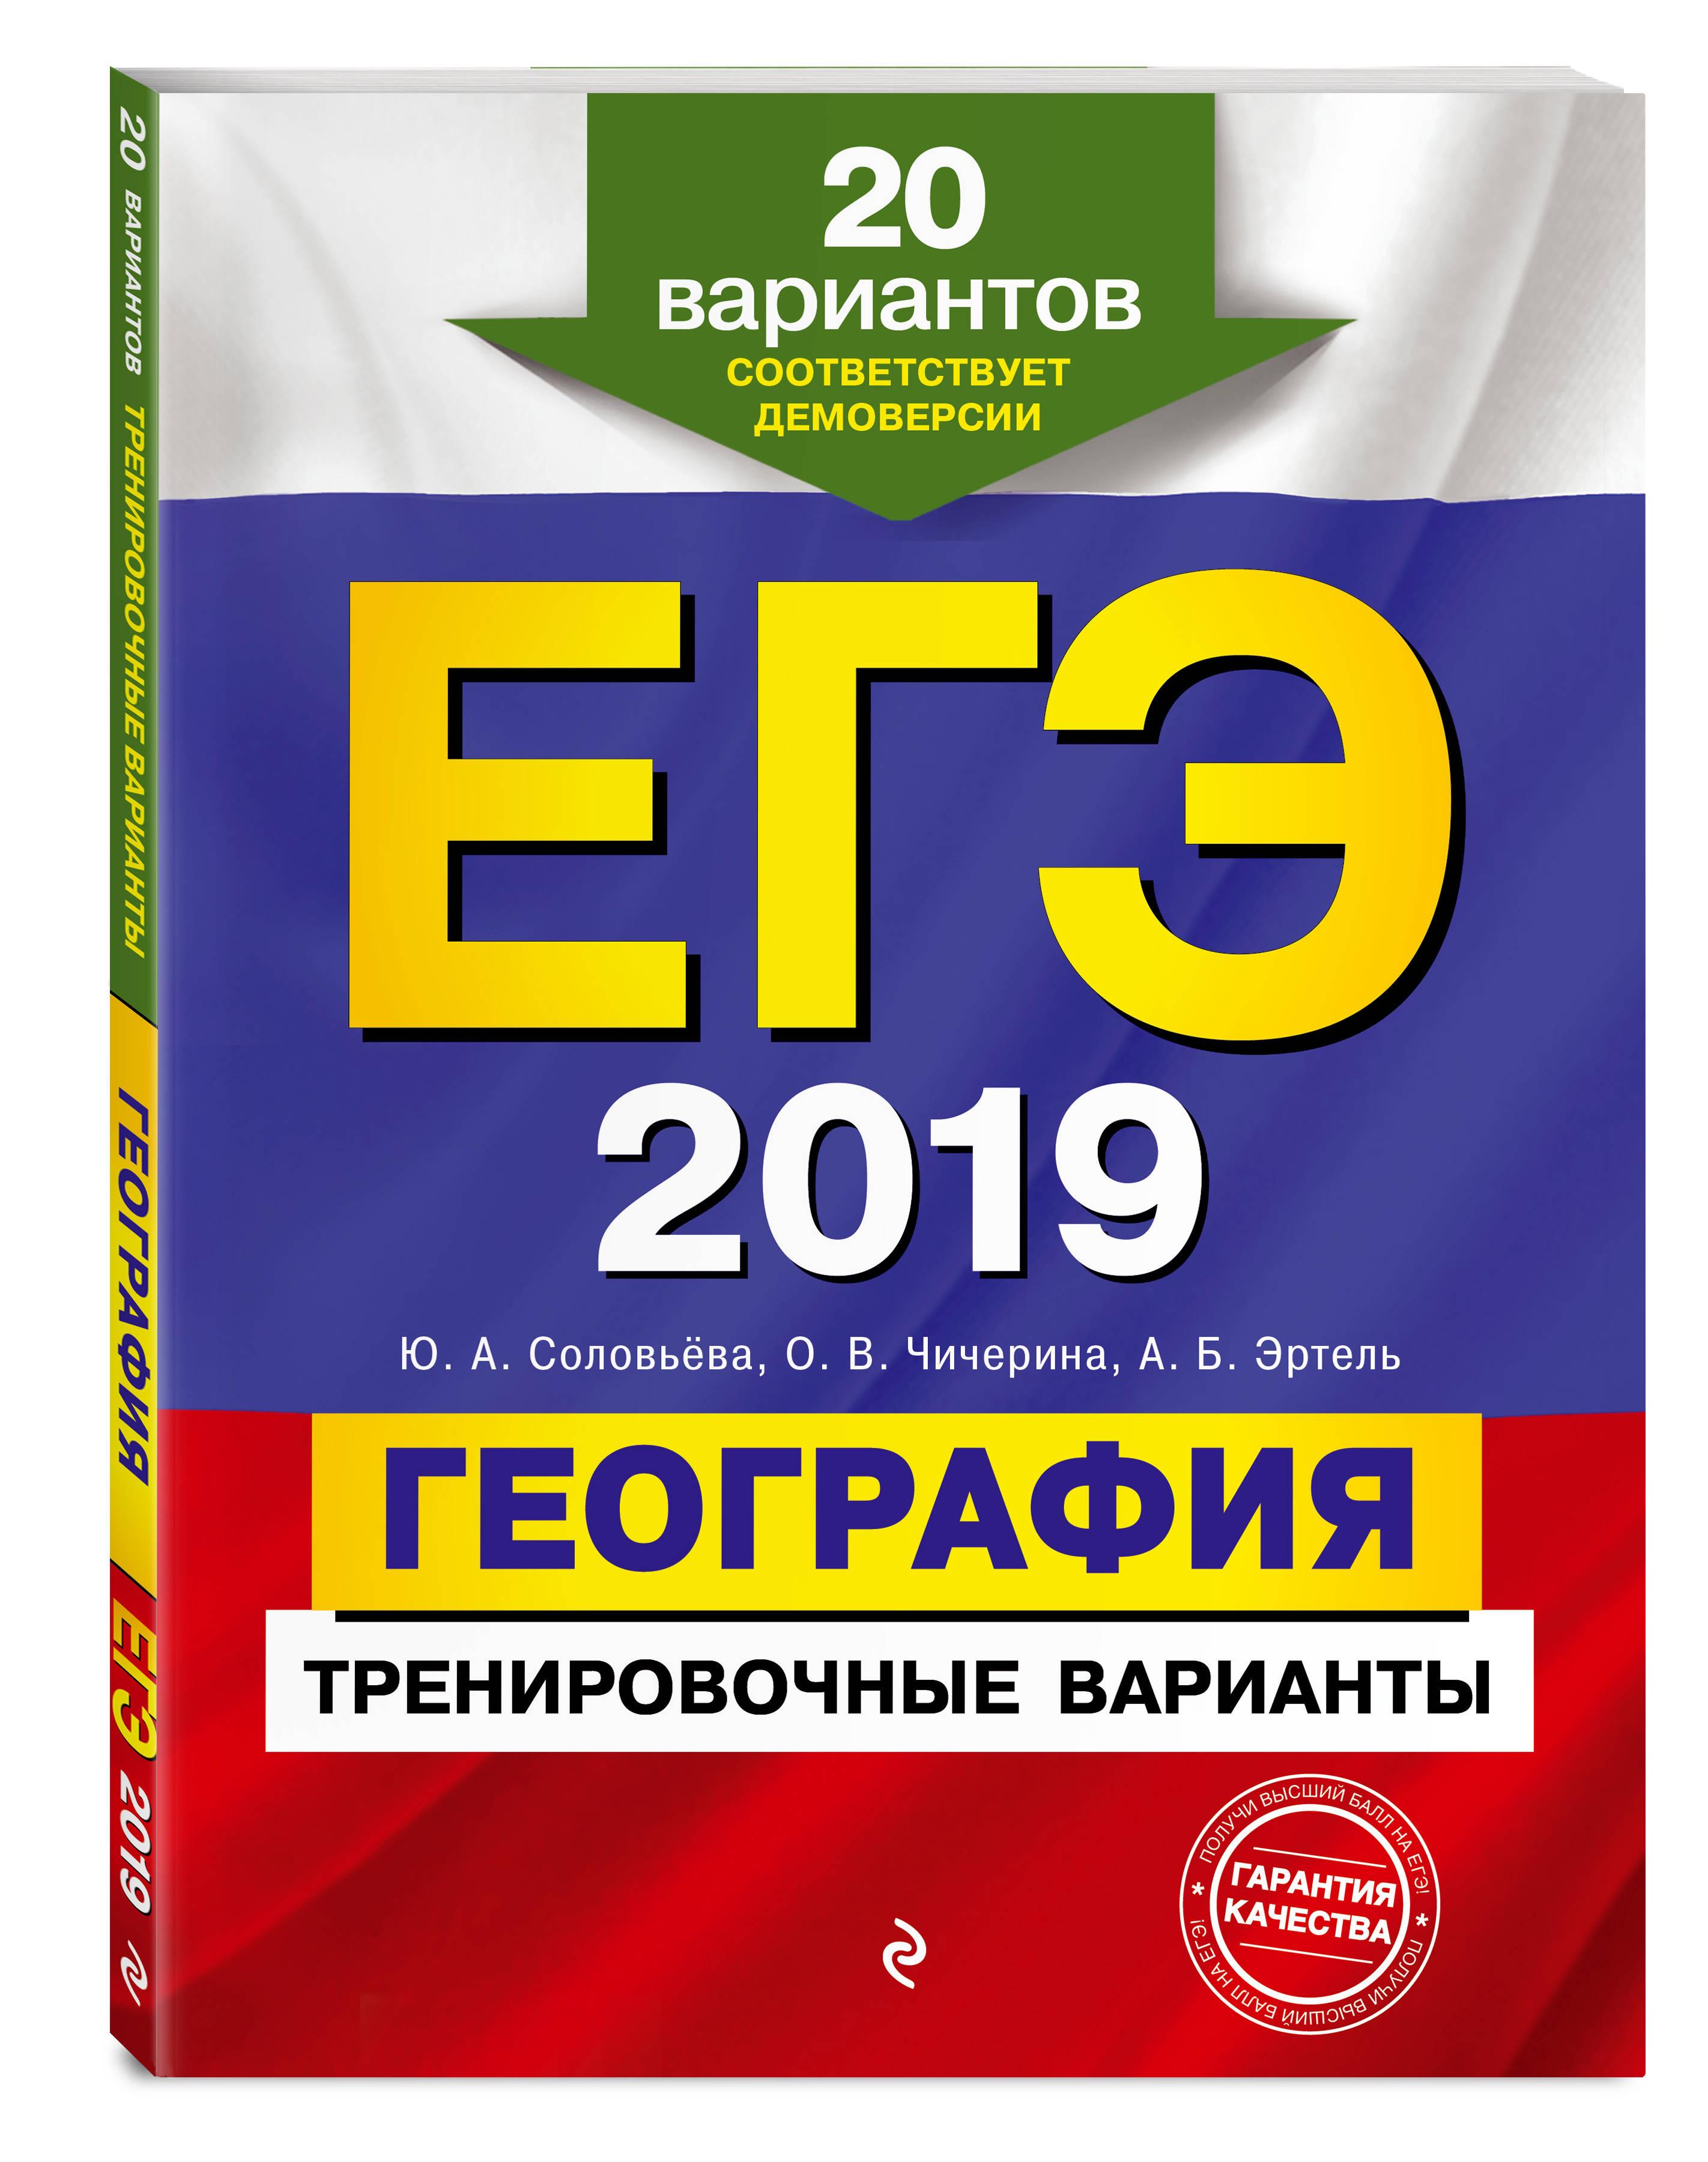 ЕГЭ-2019. География. Тренировочные варианты. 20 вариантов